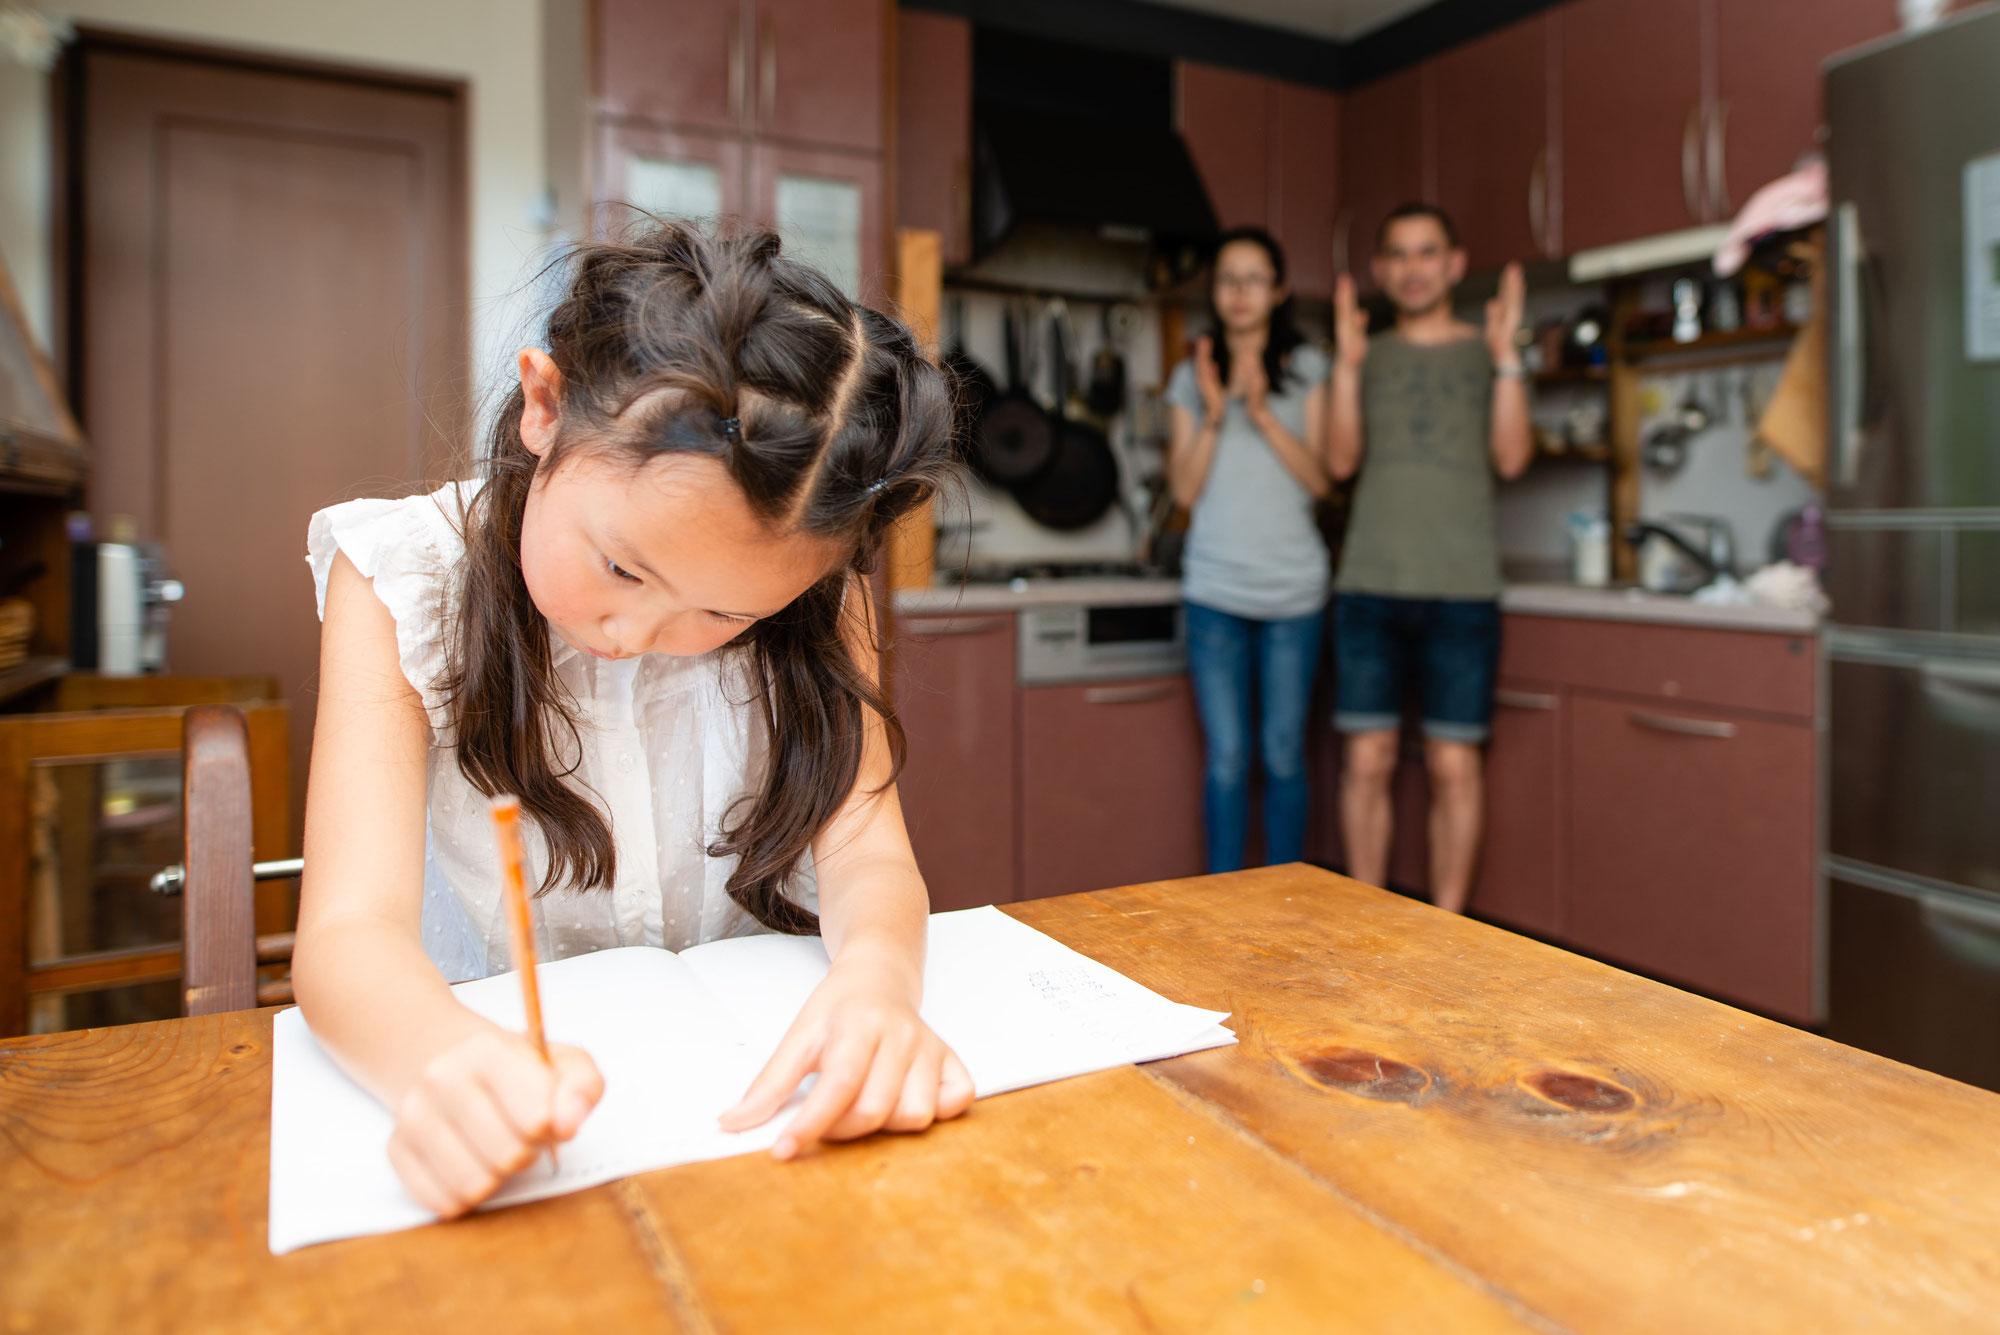 過剰適応タイプの子どもを助長してしまう大人の特徴と、改善させるために知っておくべき大人の心構えとは。